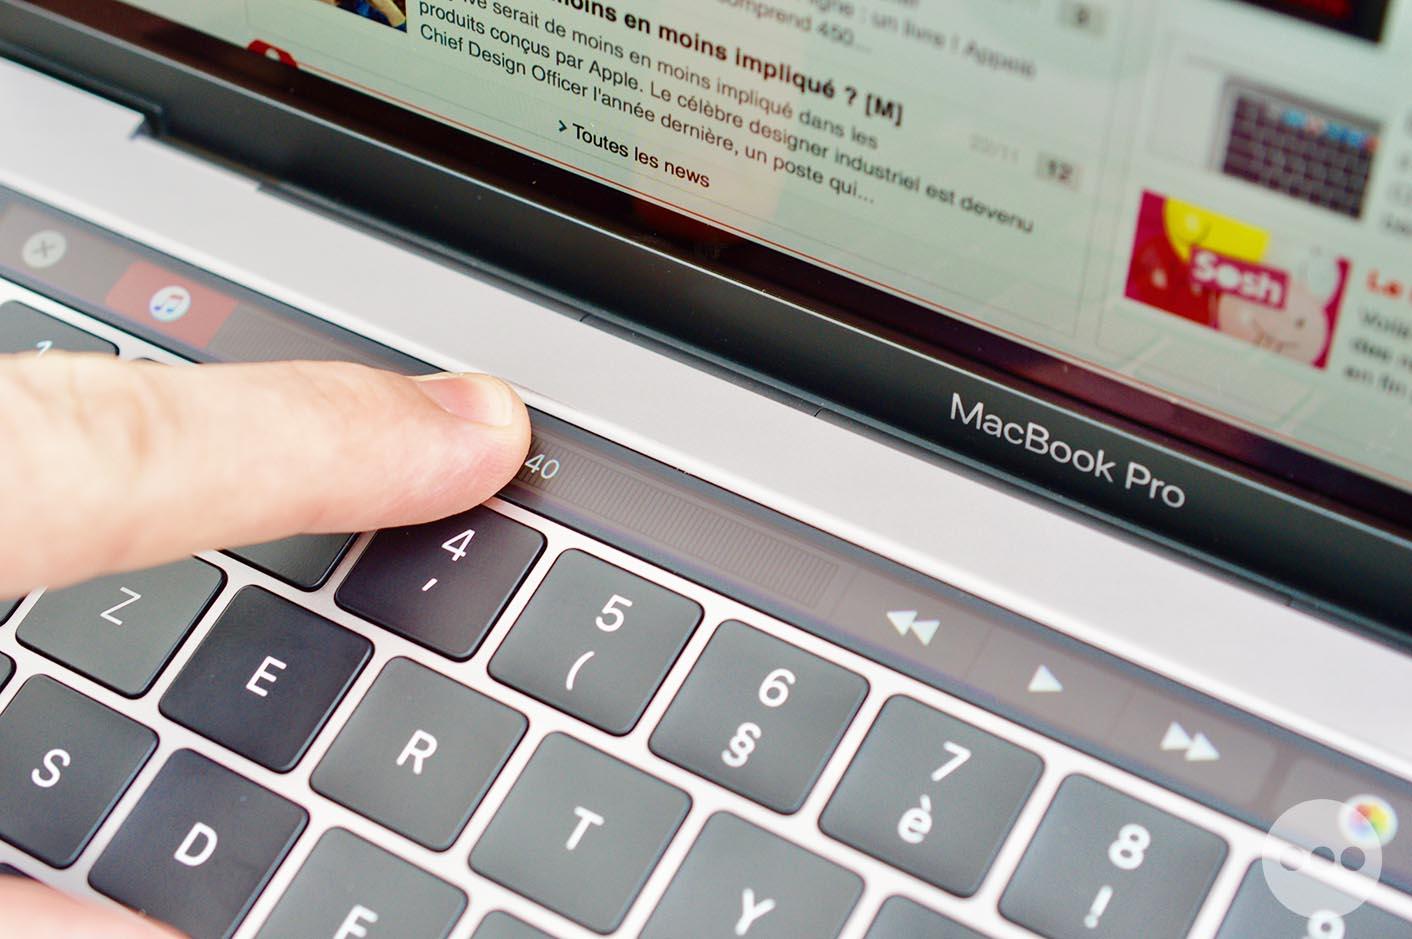 MacBook Pro Touch Bar iTunes